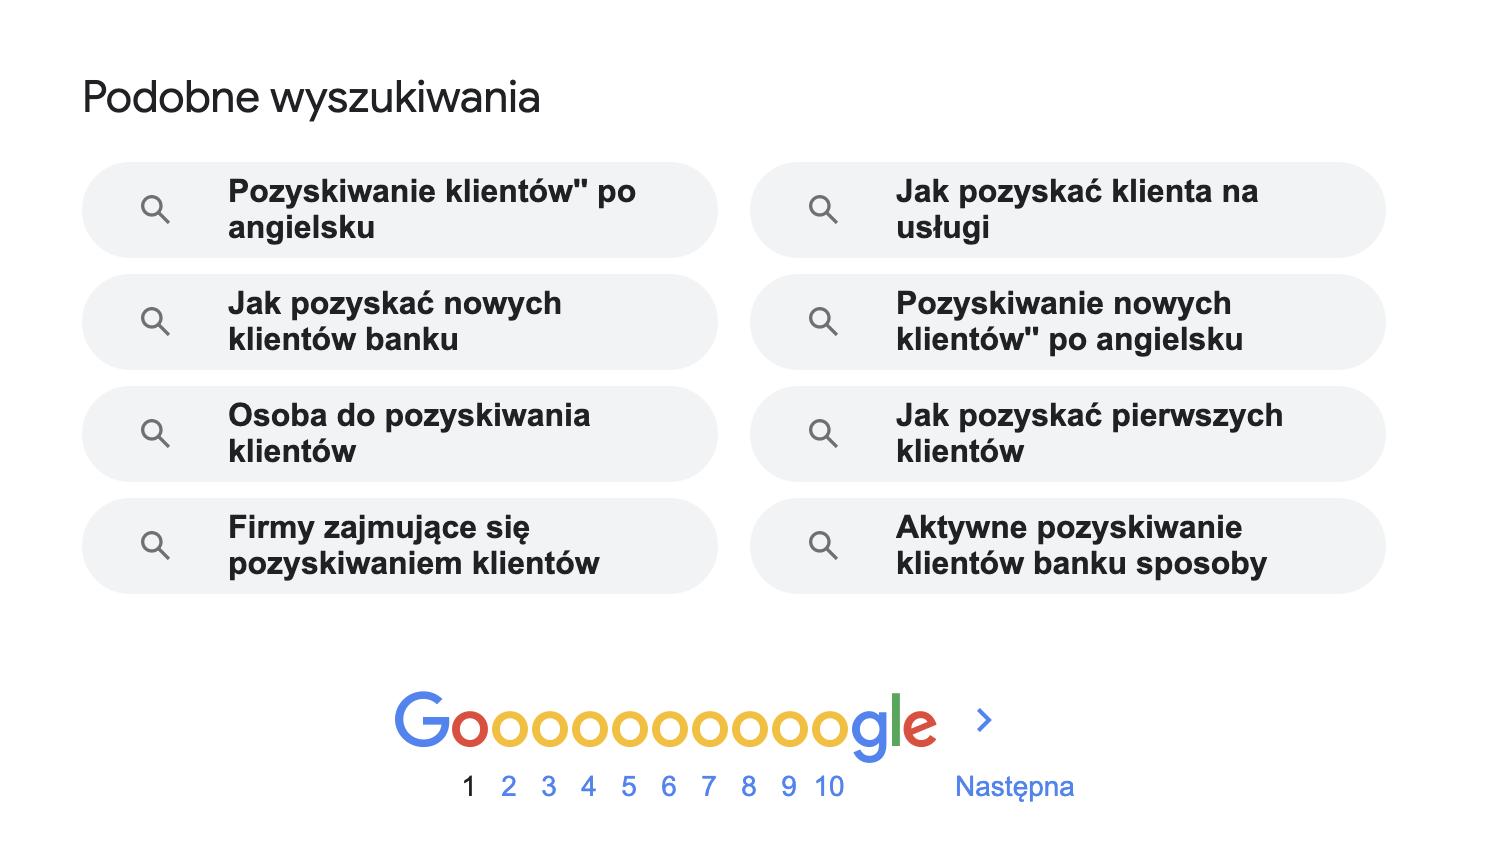 wynik podobnych wyszukiwan do poszukiwanej frazy w google